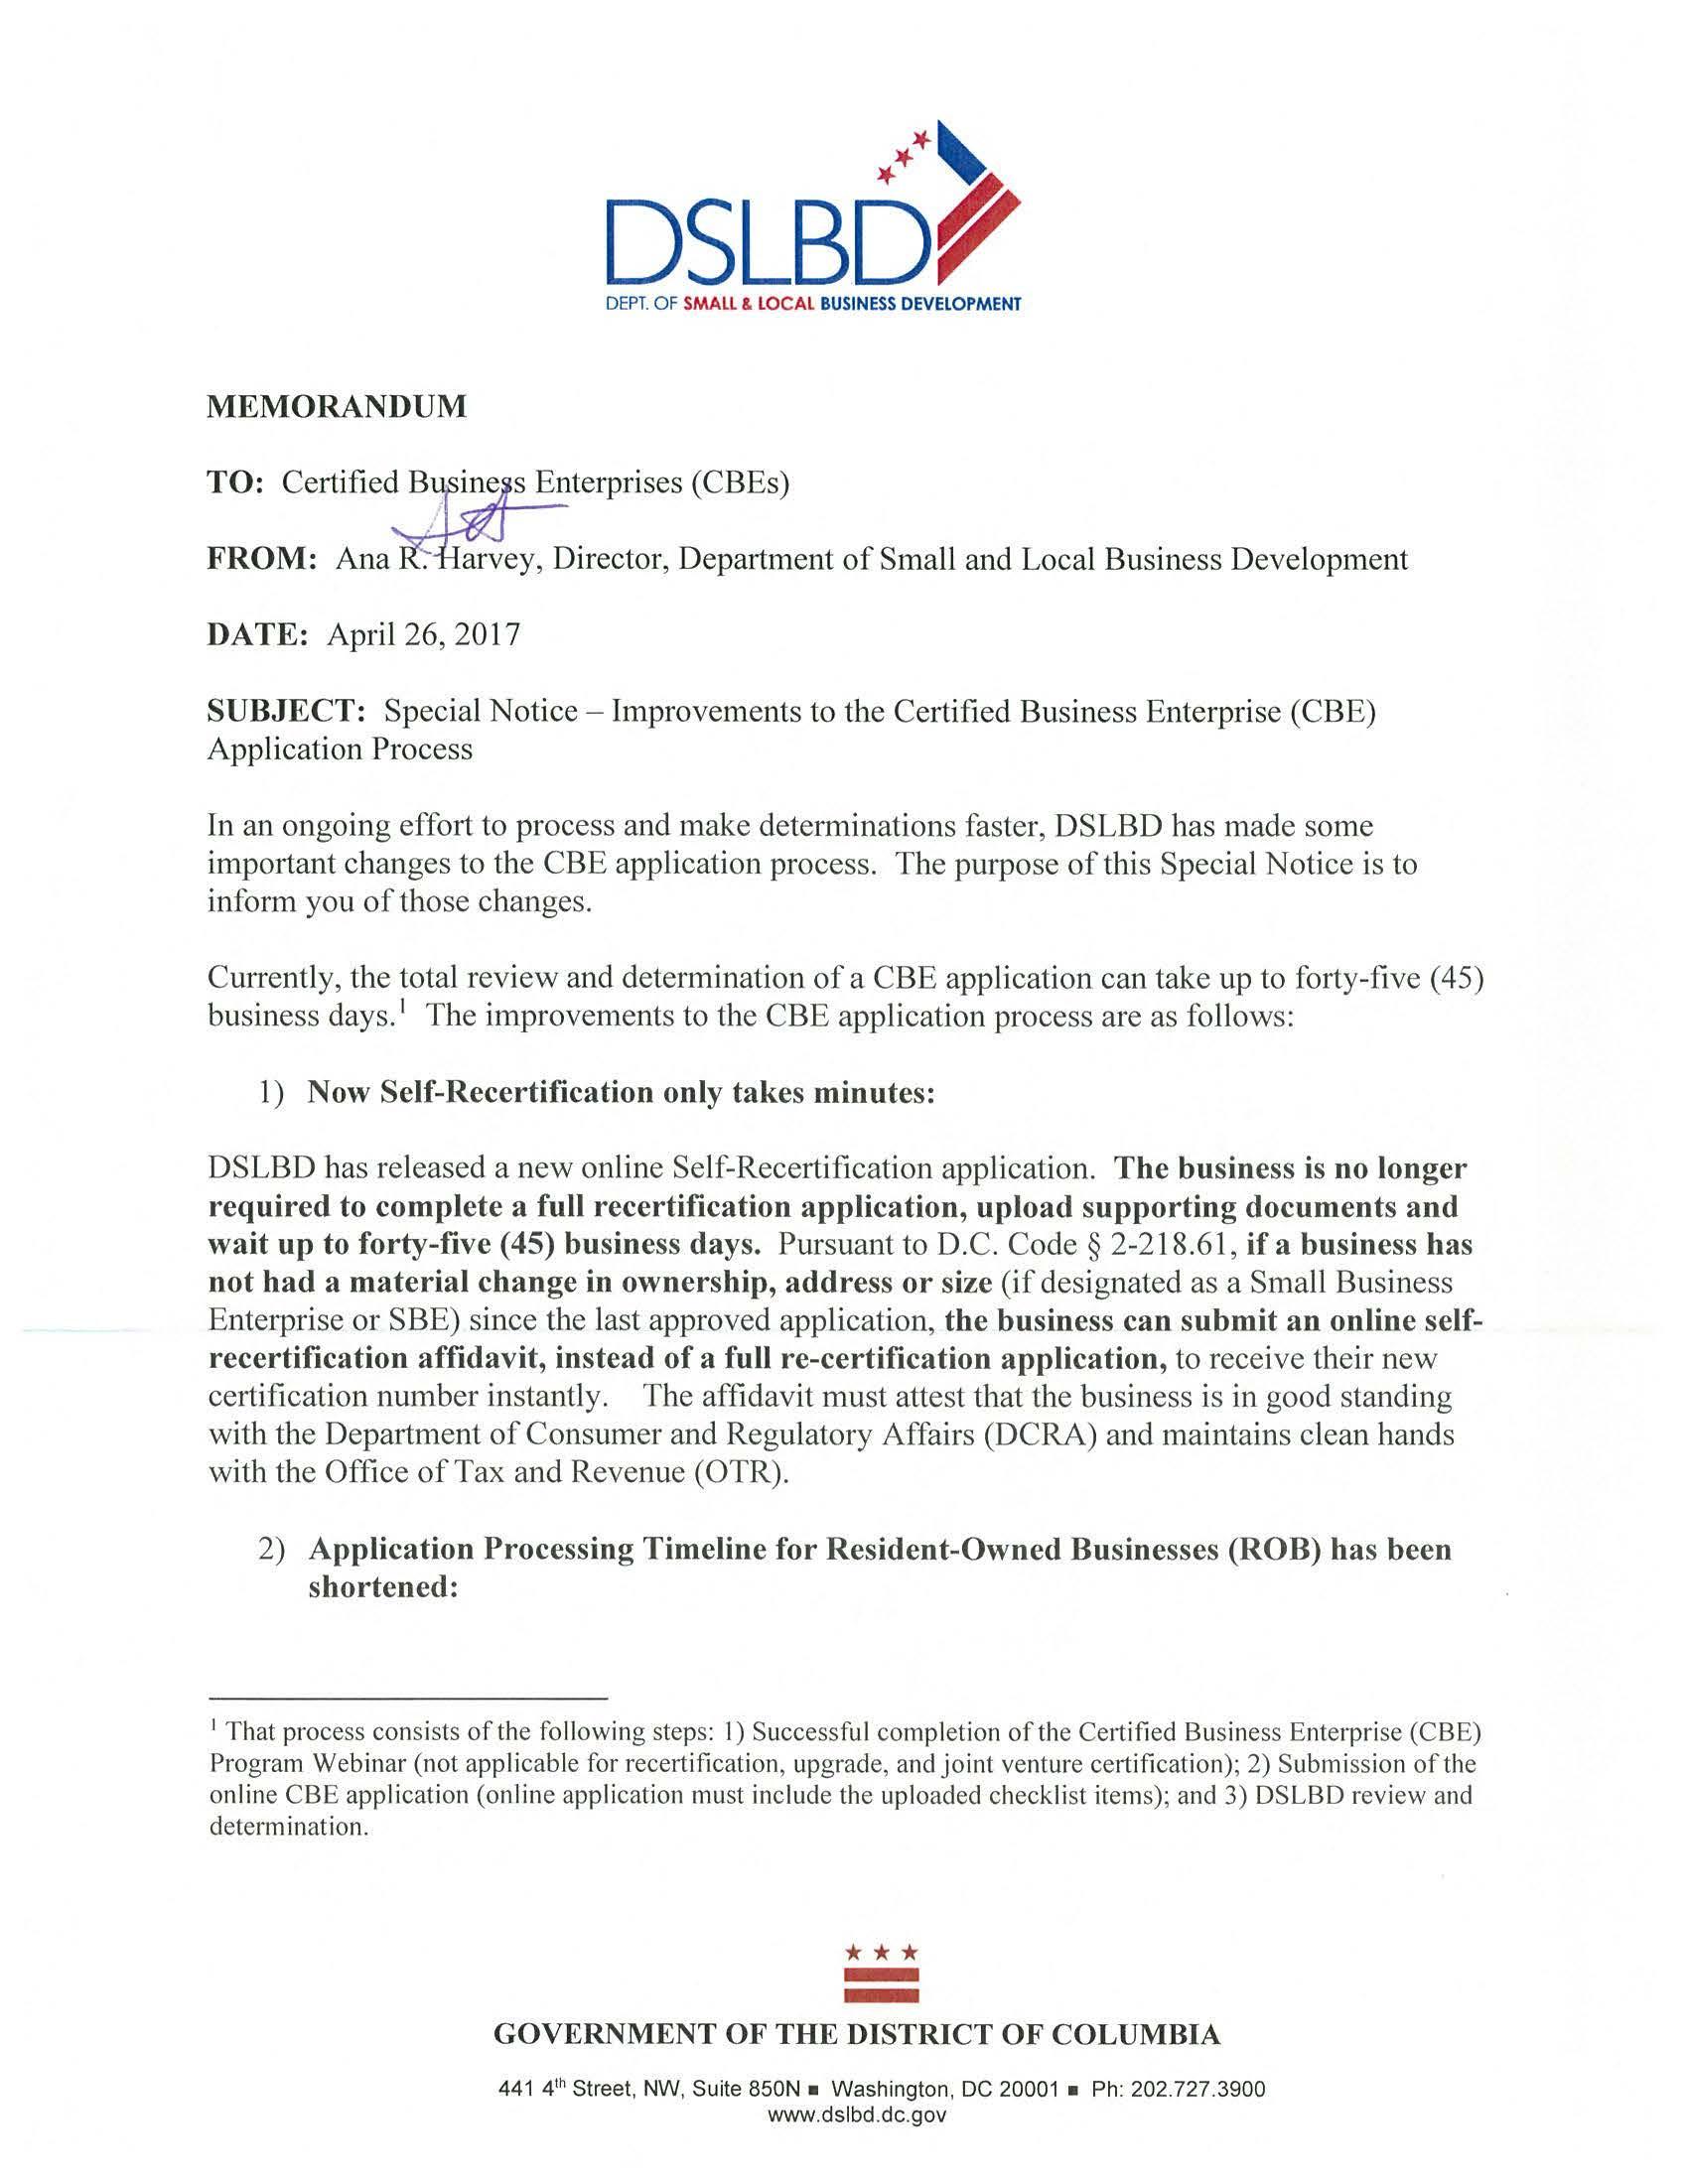 Announcements l s caldwell associates inc cbe application process special notice 426page1 xflitez Images